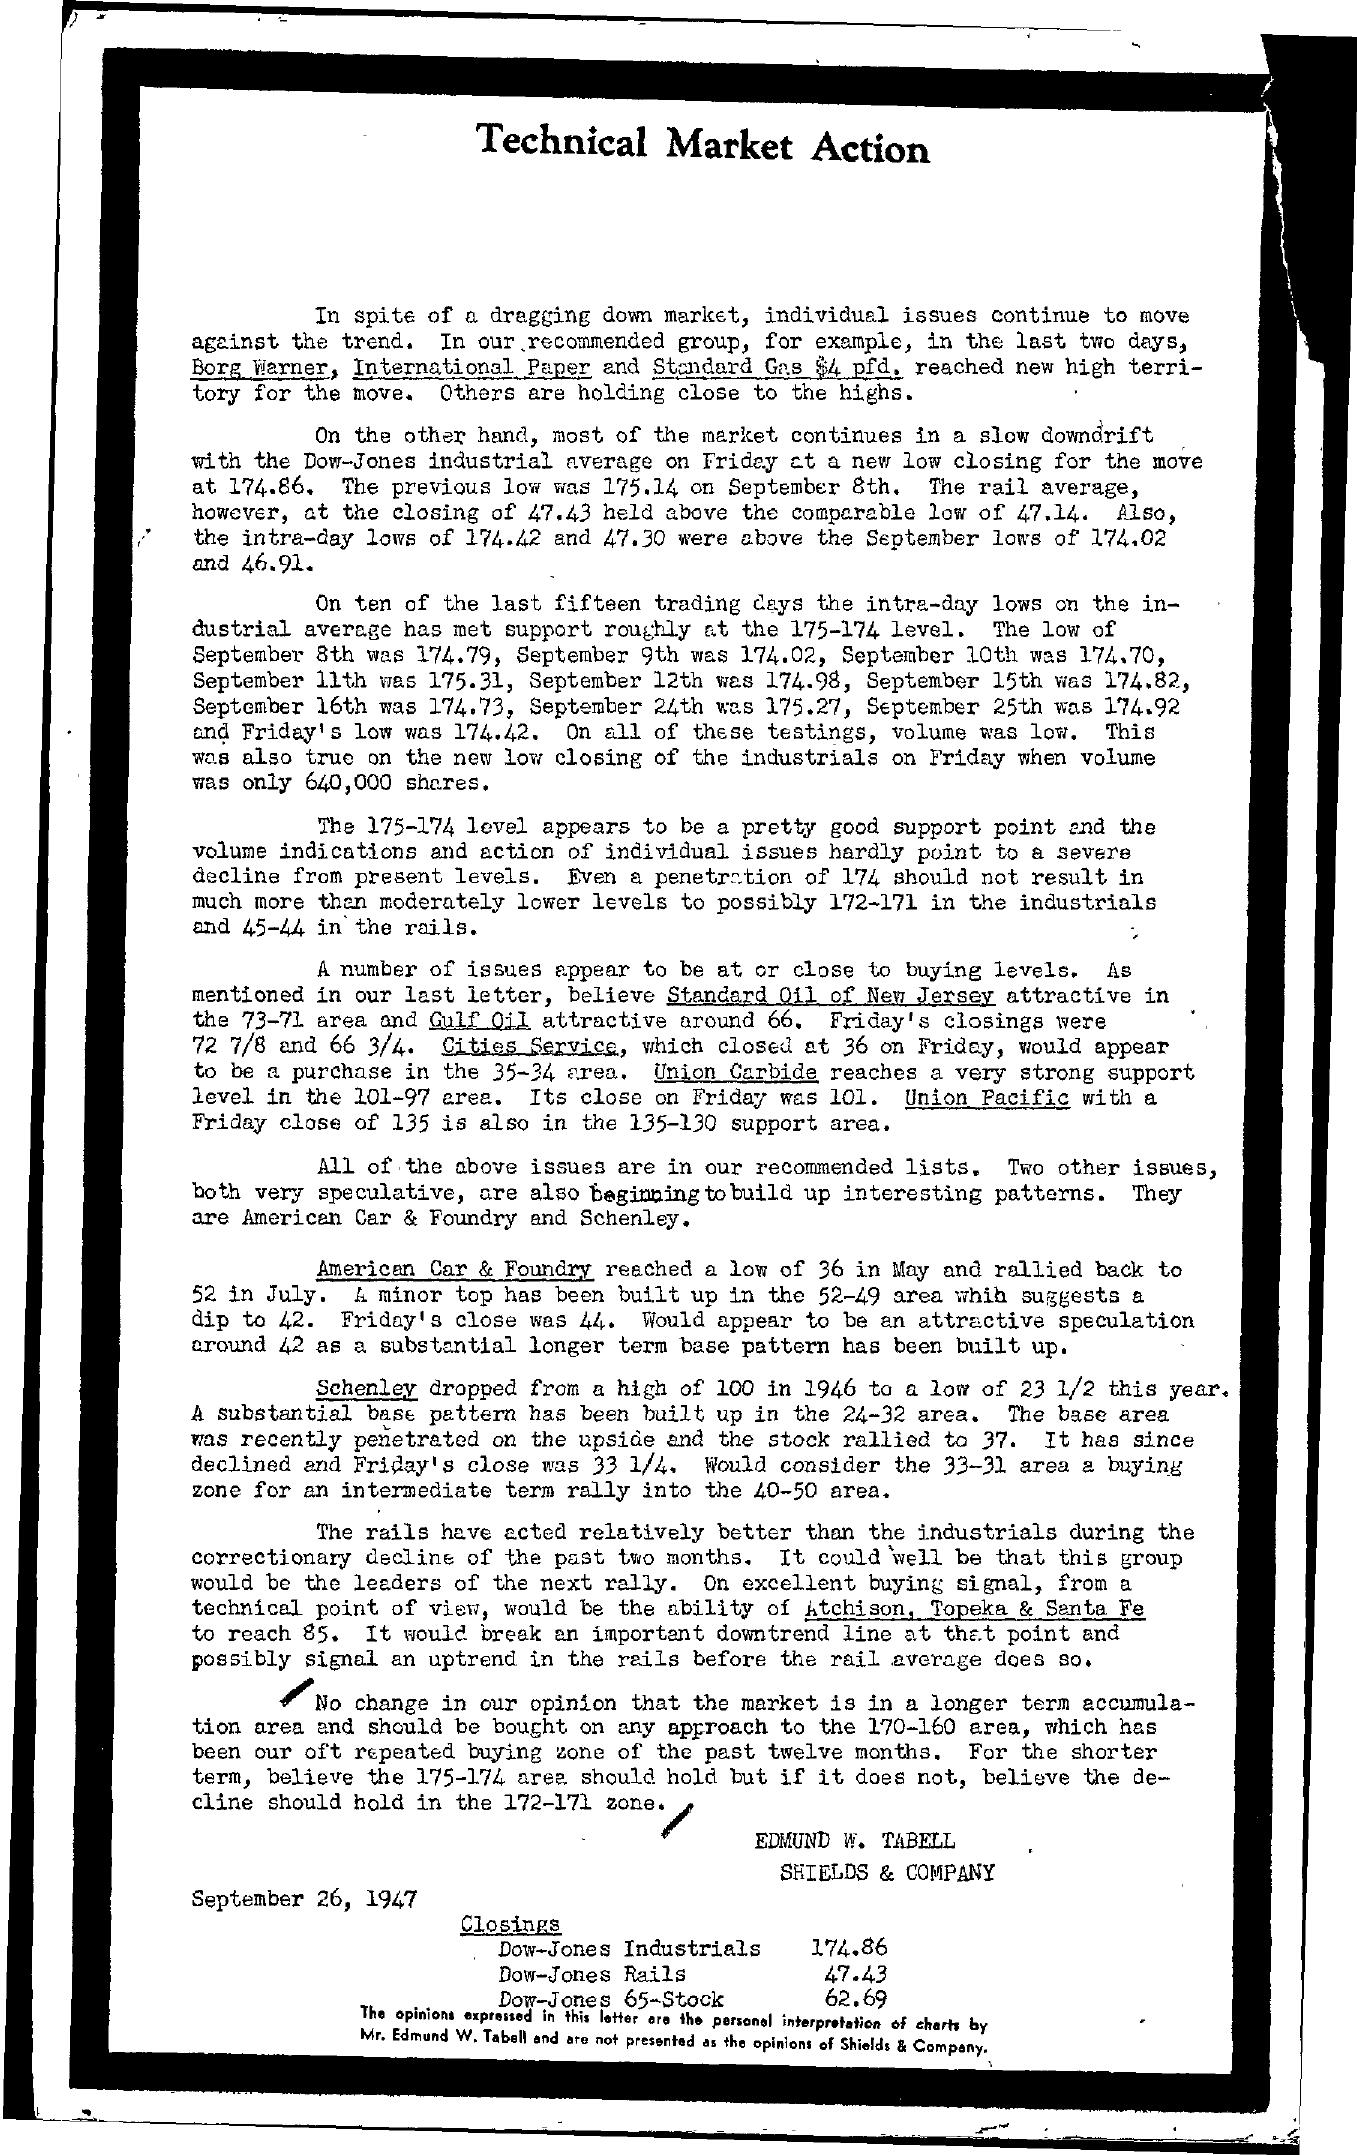 Tabell's Market Letter - September 26, 1947